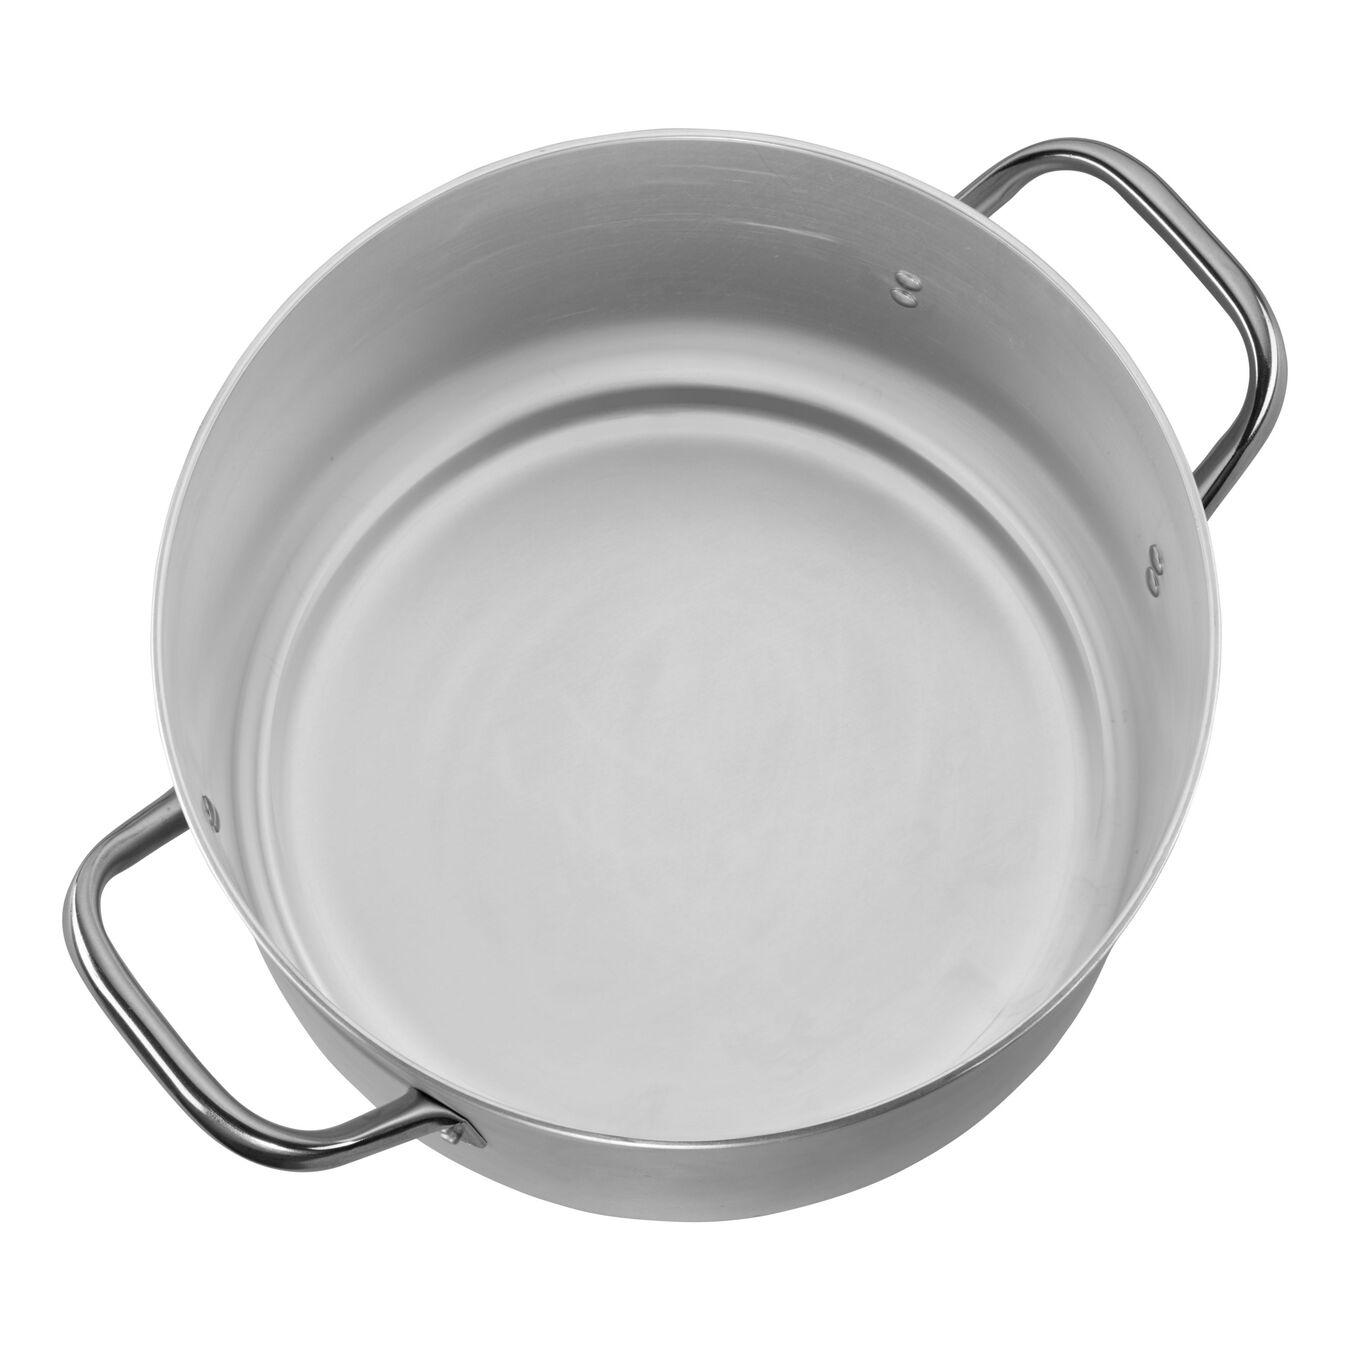 21.25 qt Sauce pan, aluminium ,,large 1